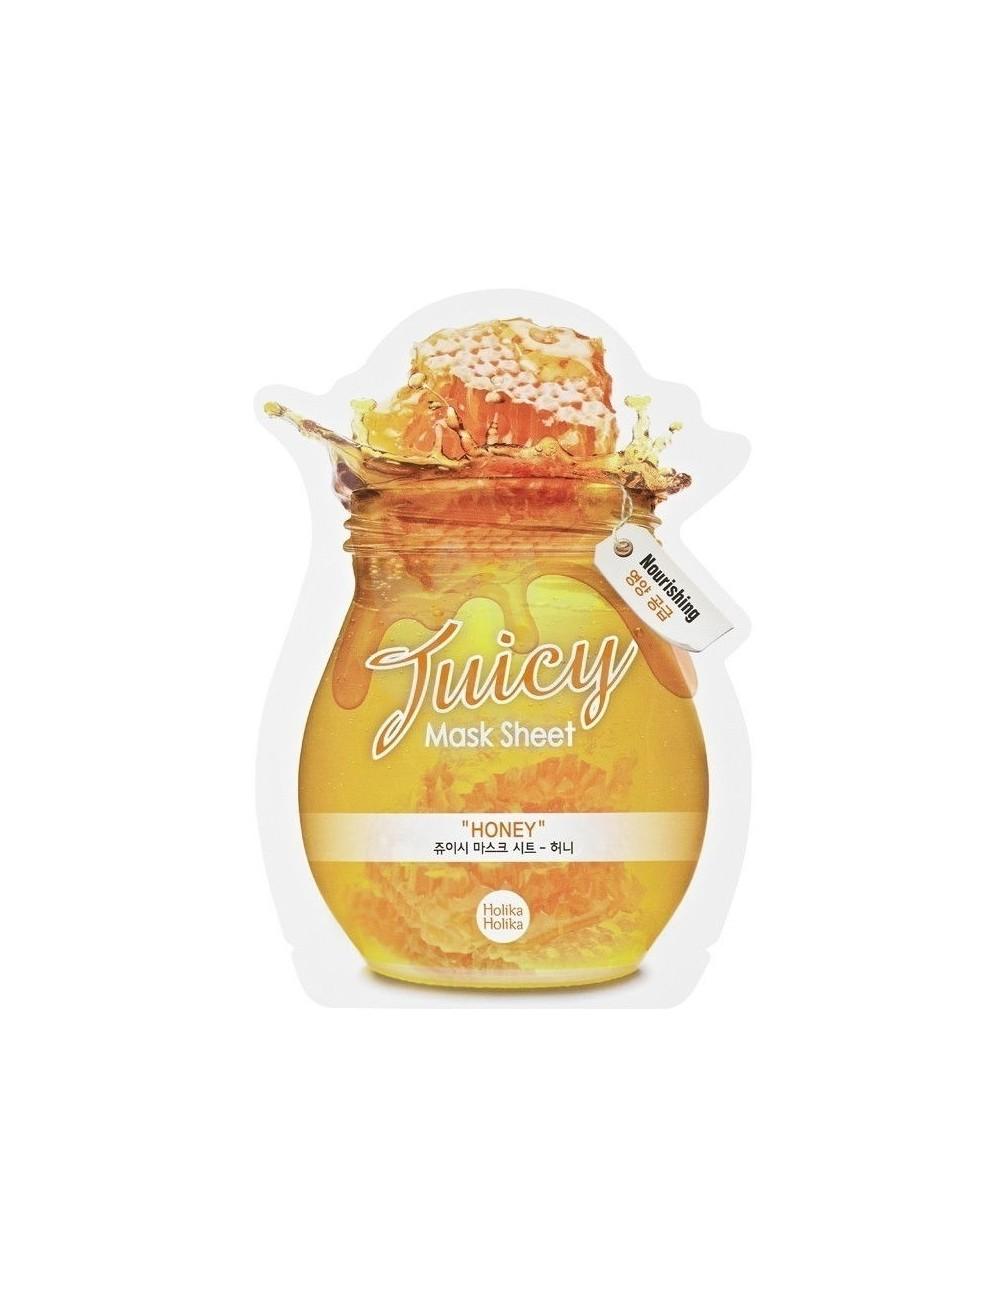 Holika Holika Mascarilla Hidratante Juicy Mask Sheet Honey